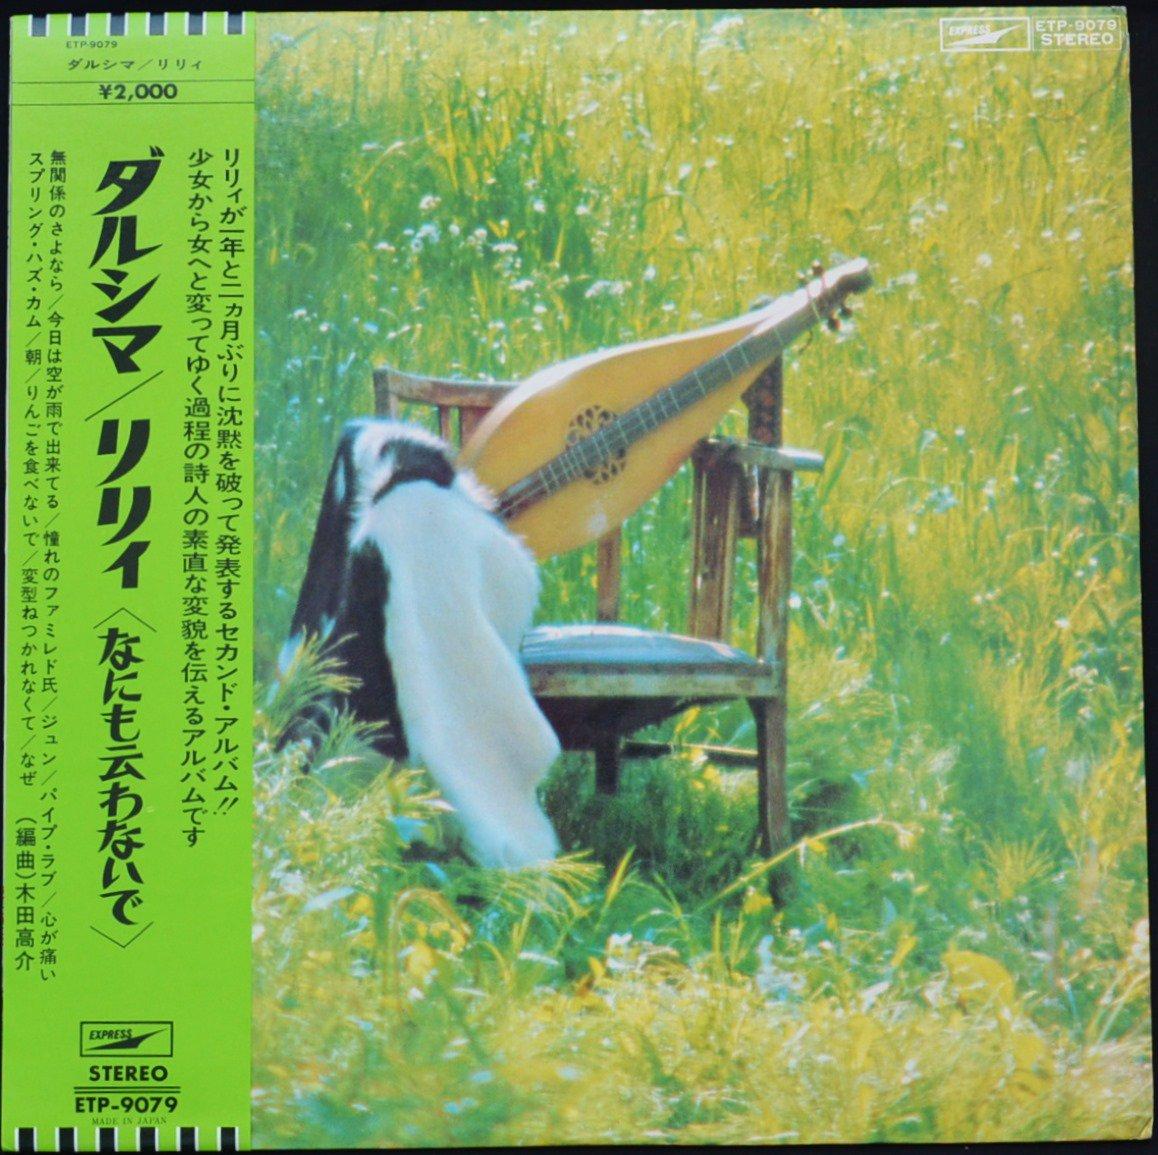 りりィ LILY / ダルシマ (なにも伝わないで) DULCIMER - NOTHING BY MOUTH (LP)